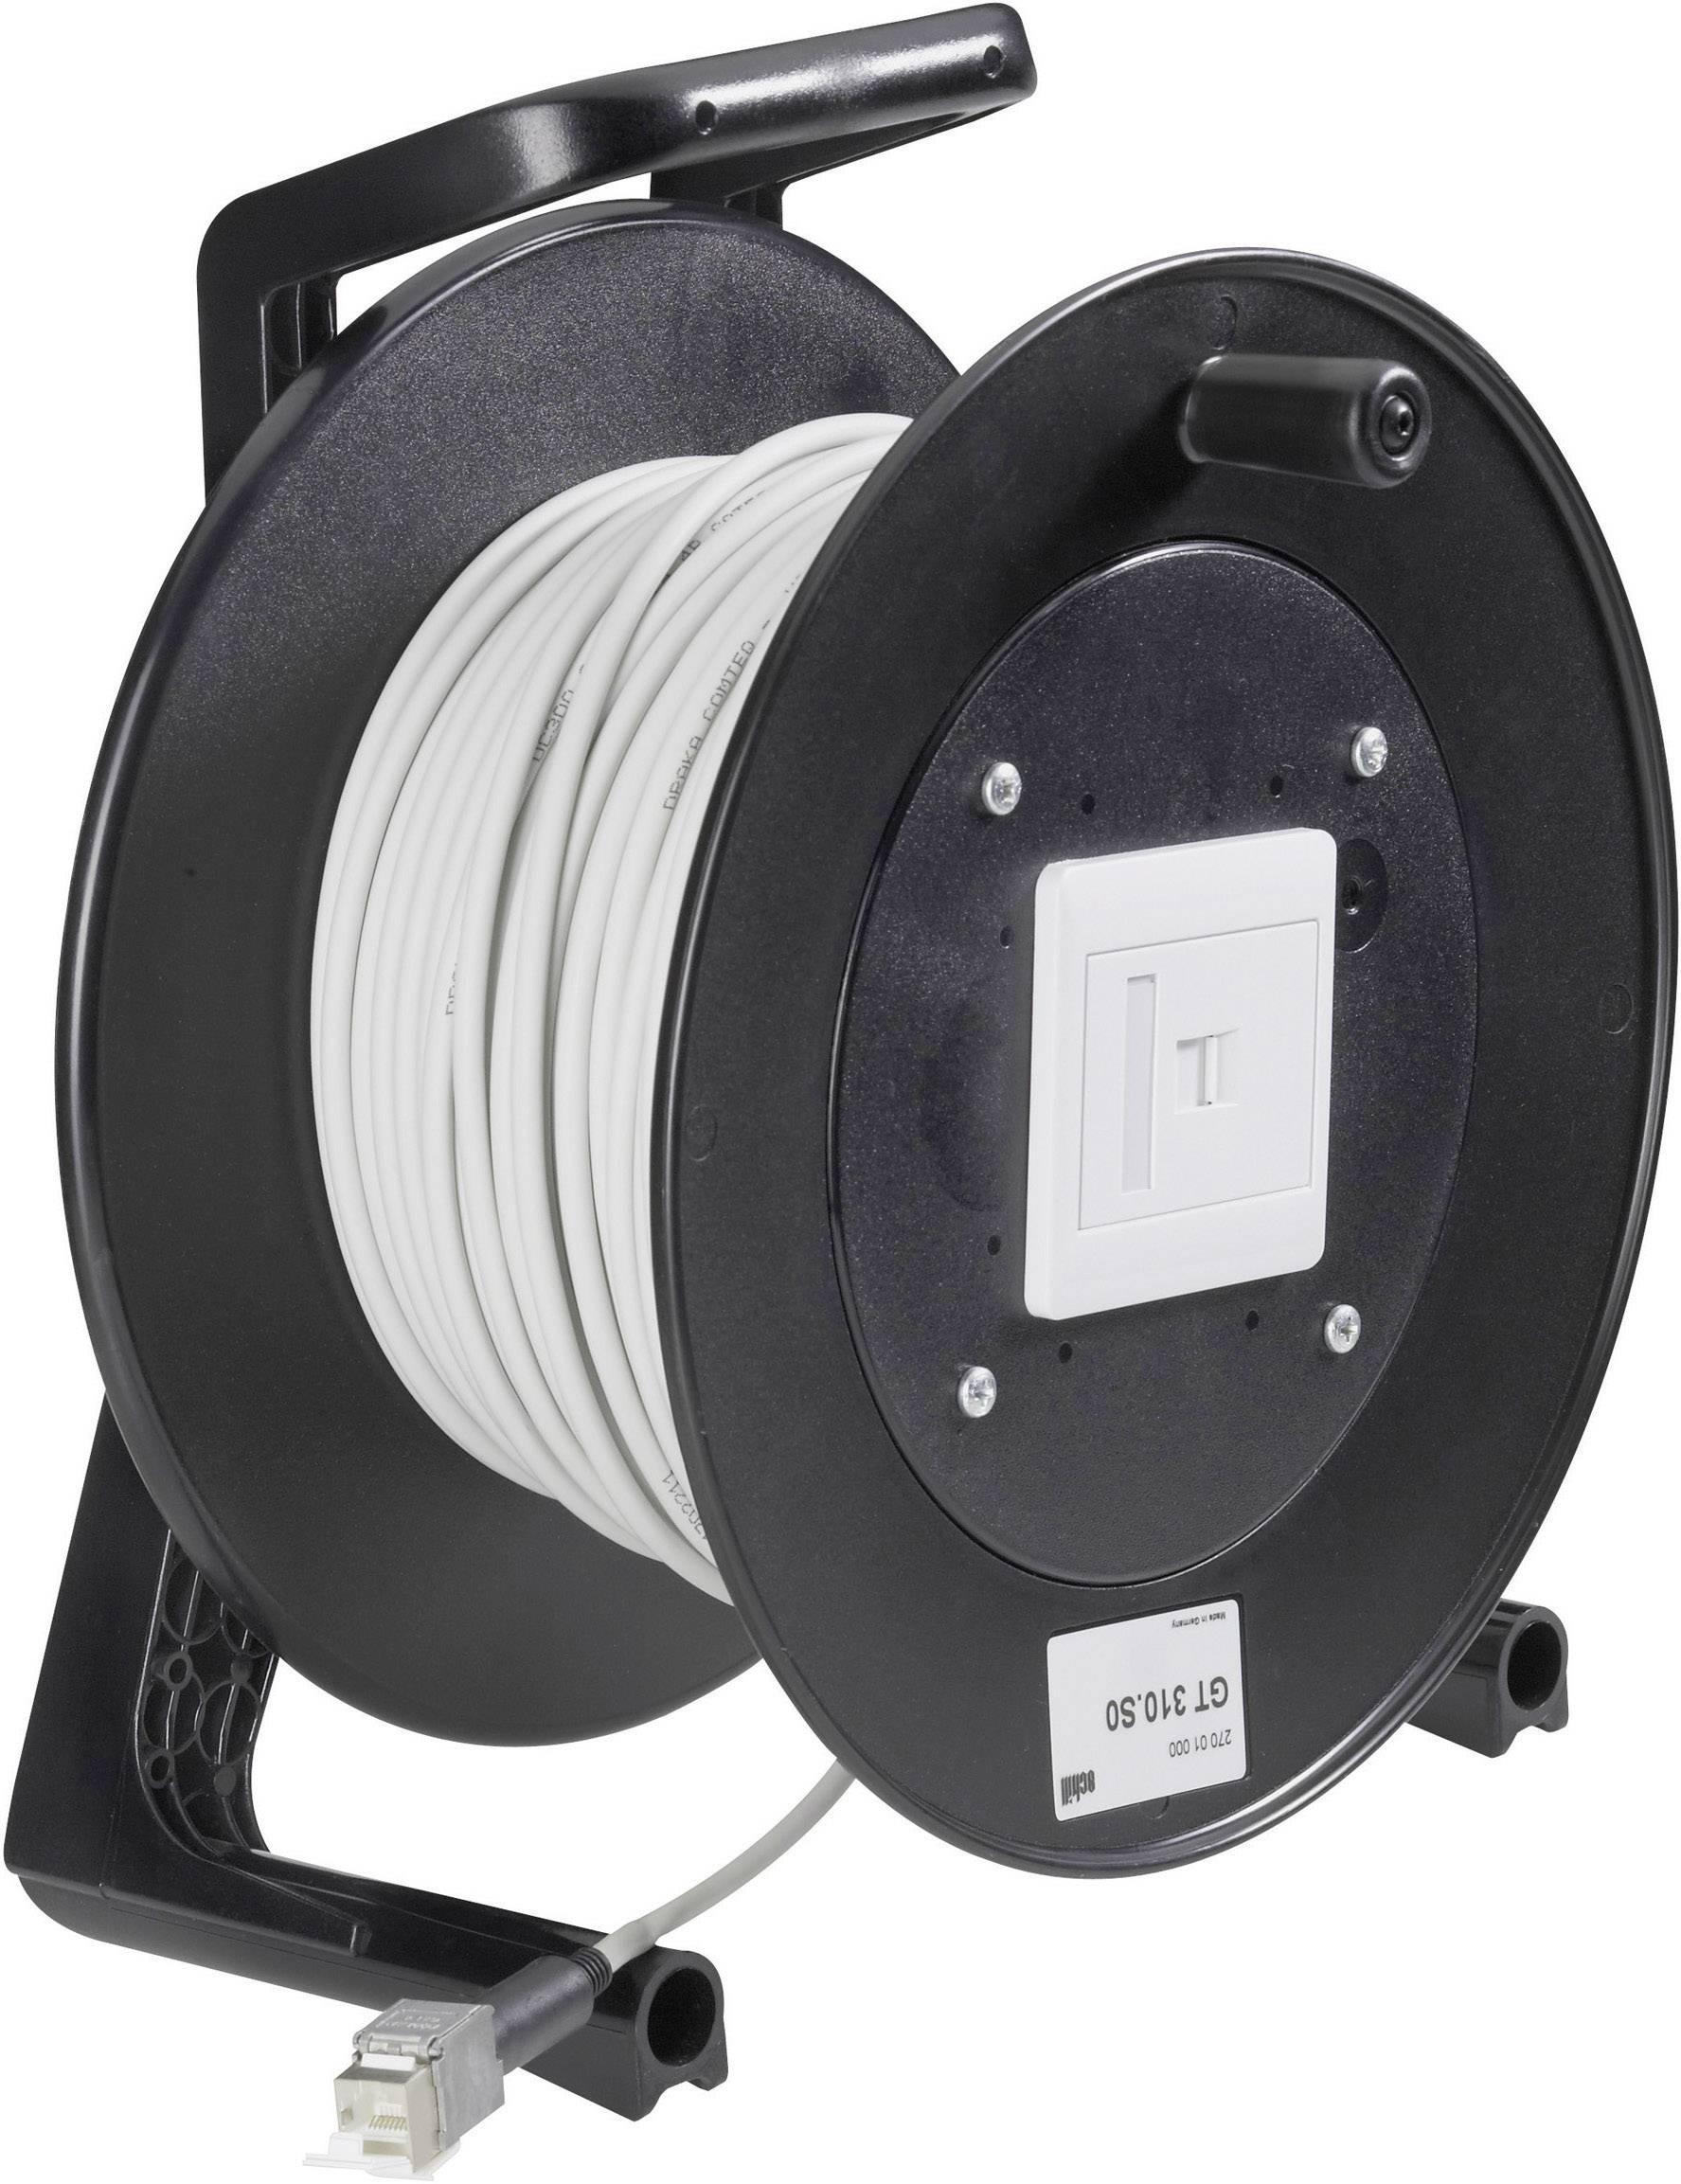 Síťové kabely na kabelovém bubnu